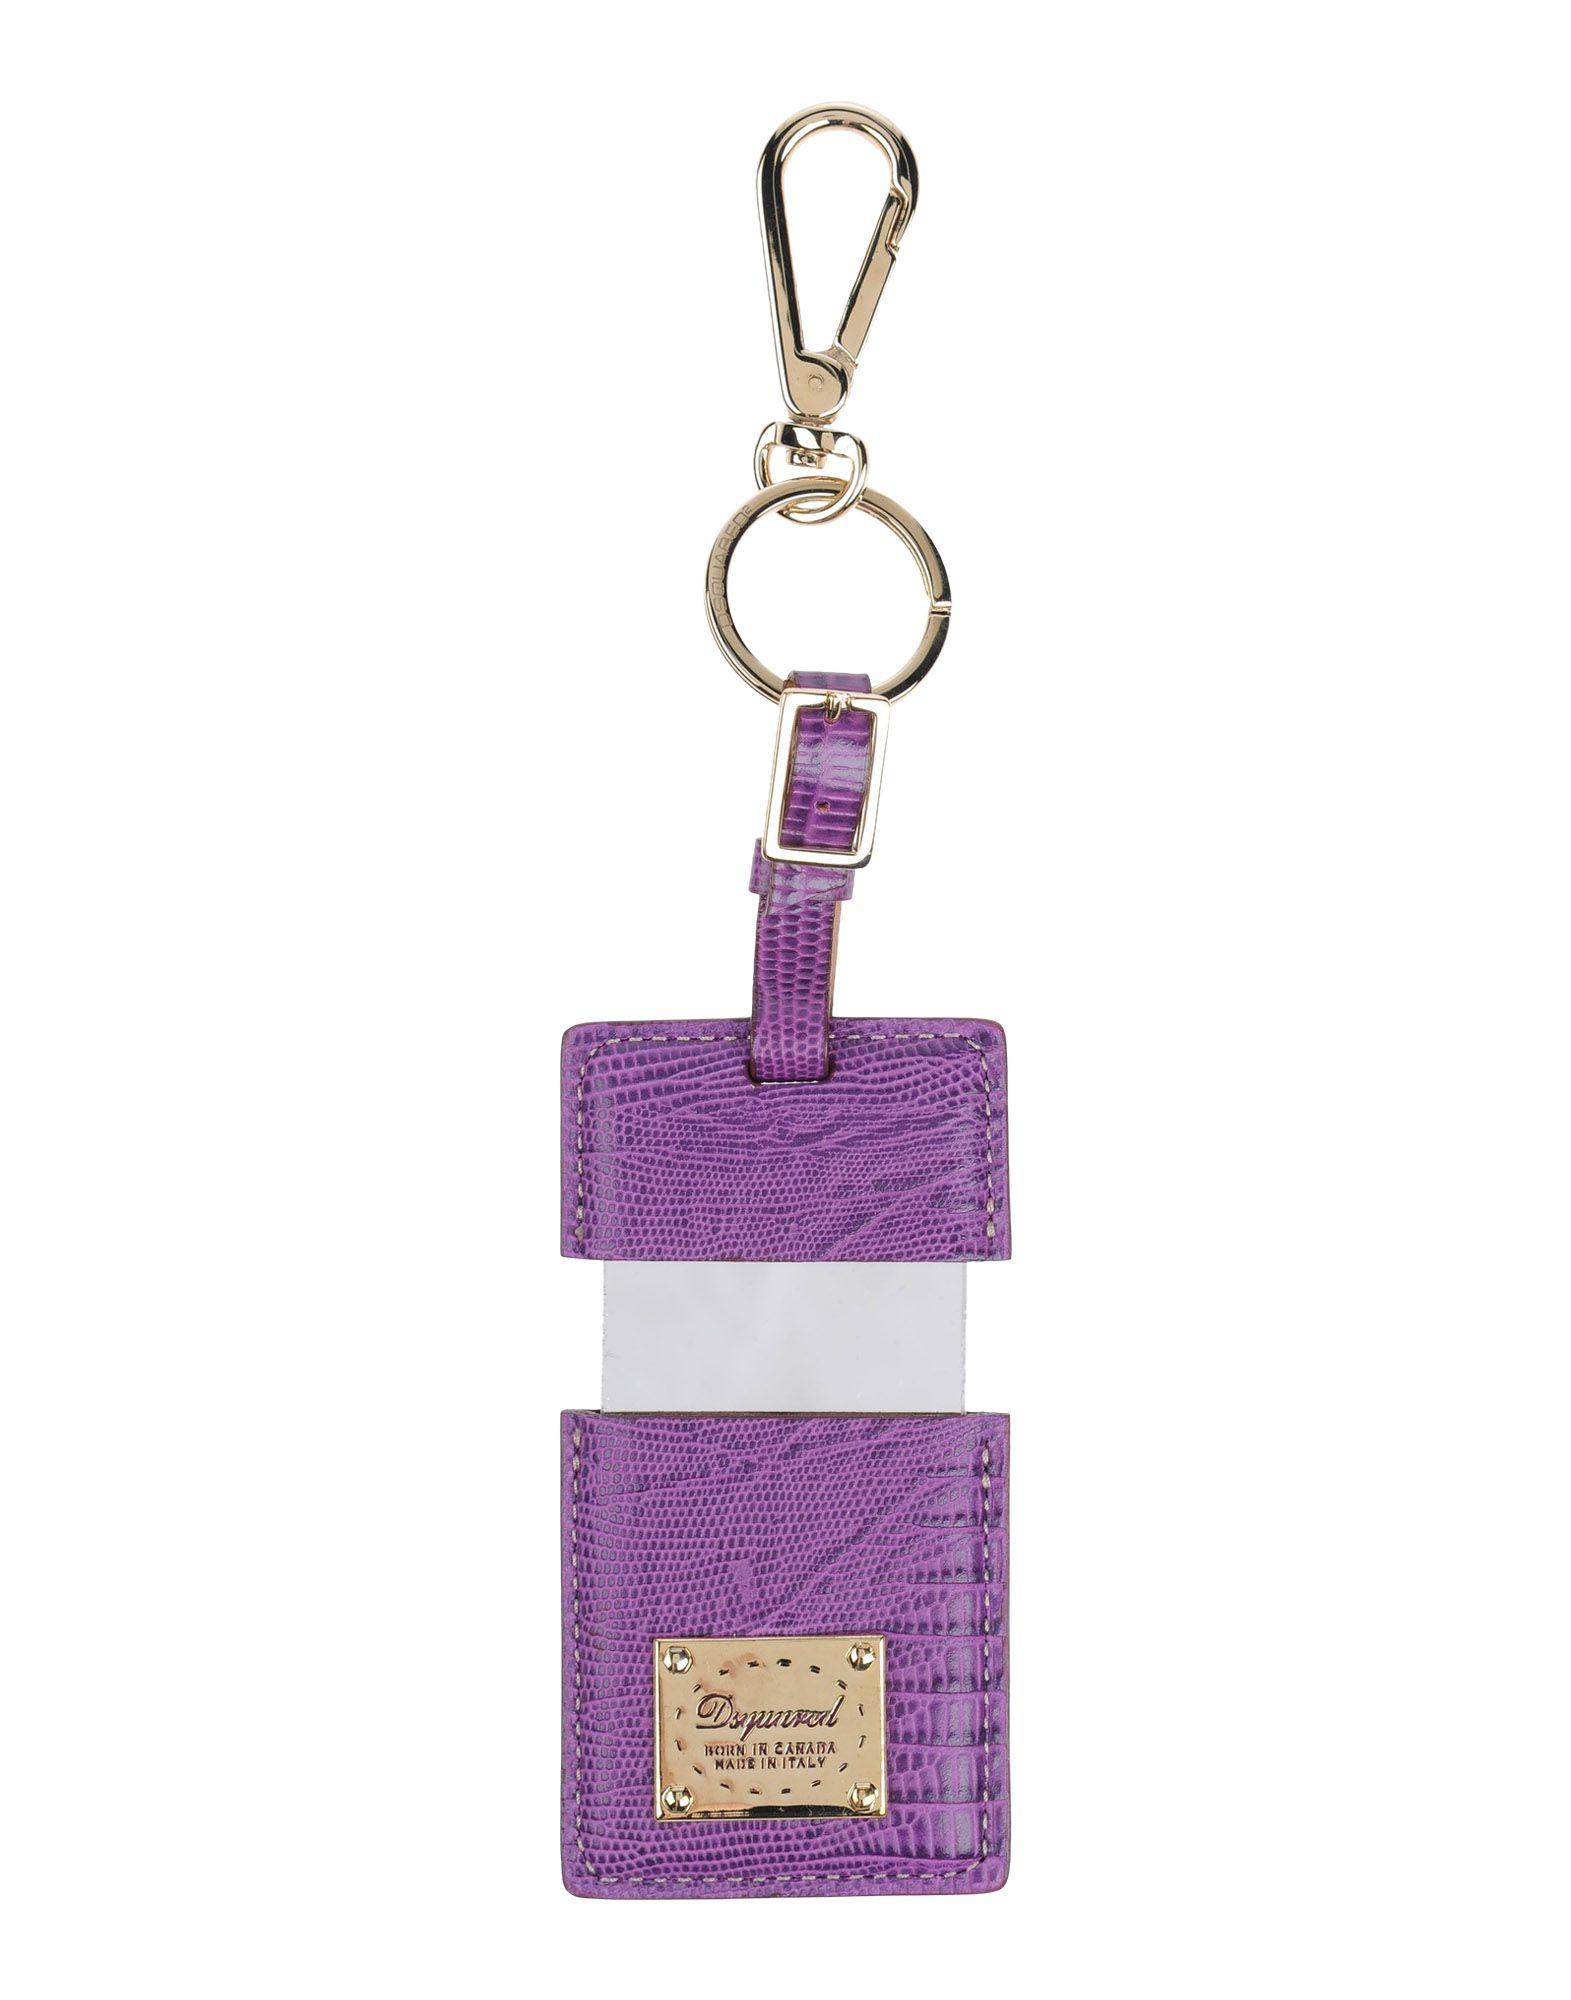 DSQUARED2 Damen Schlüsselanhänger1 violet